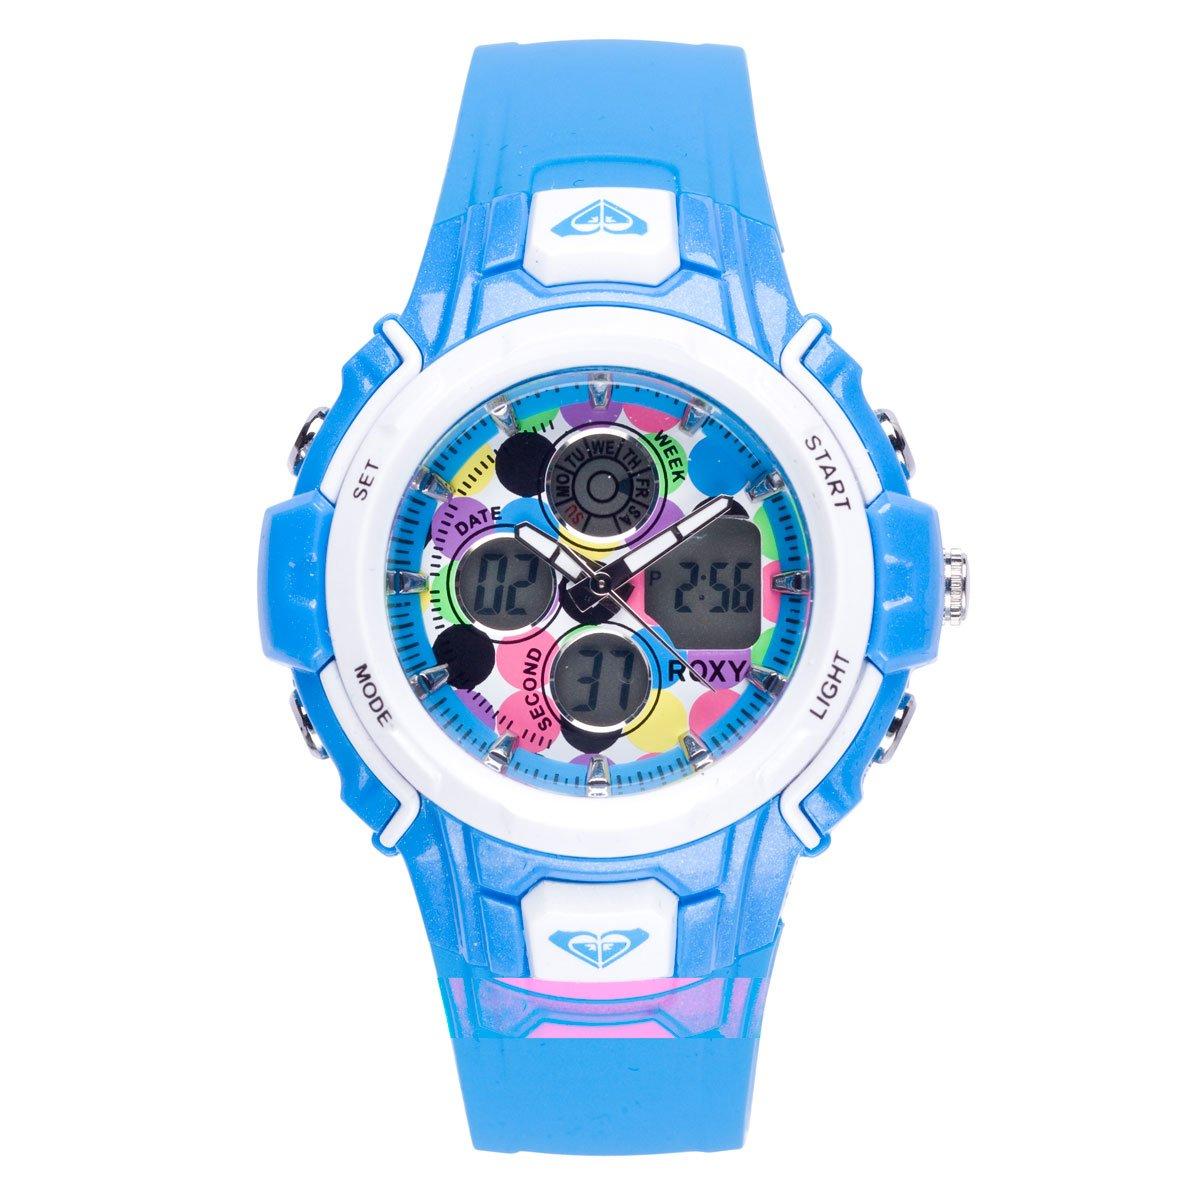 Roxy W216AR 12T - Reloj analógico - digital de mujer de cuarzo con correa de plástico azul (alarma, luz, cronómetro, cronómetro): Amazon.es: Relojes